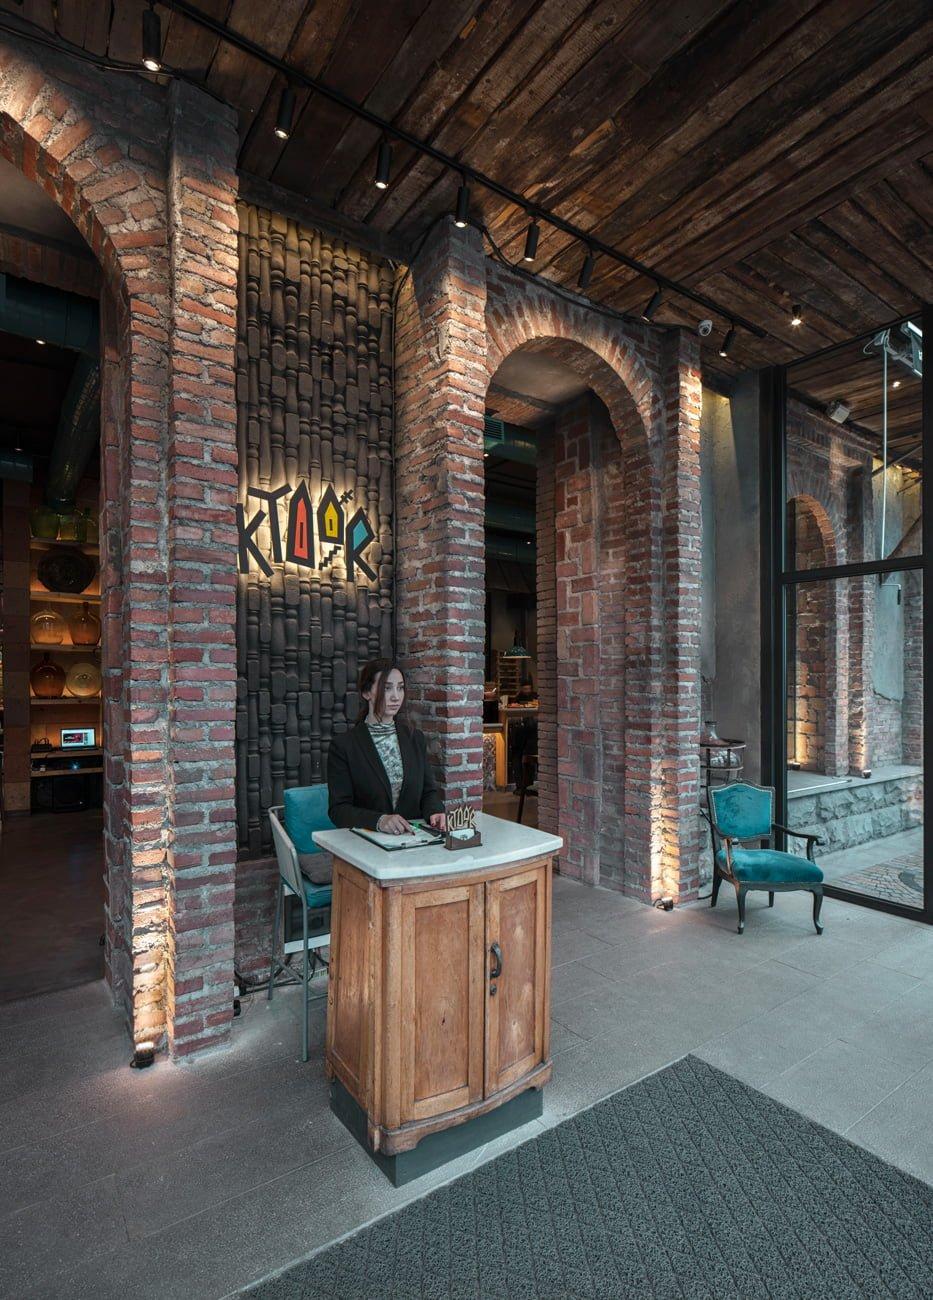 фотография входа в ресторан КТУР с гостеприимным хосписом и отделкой под старый дом